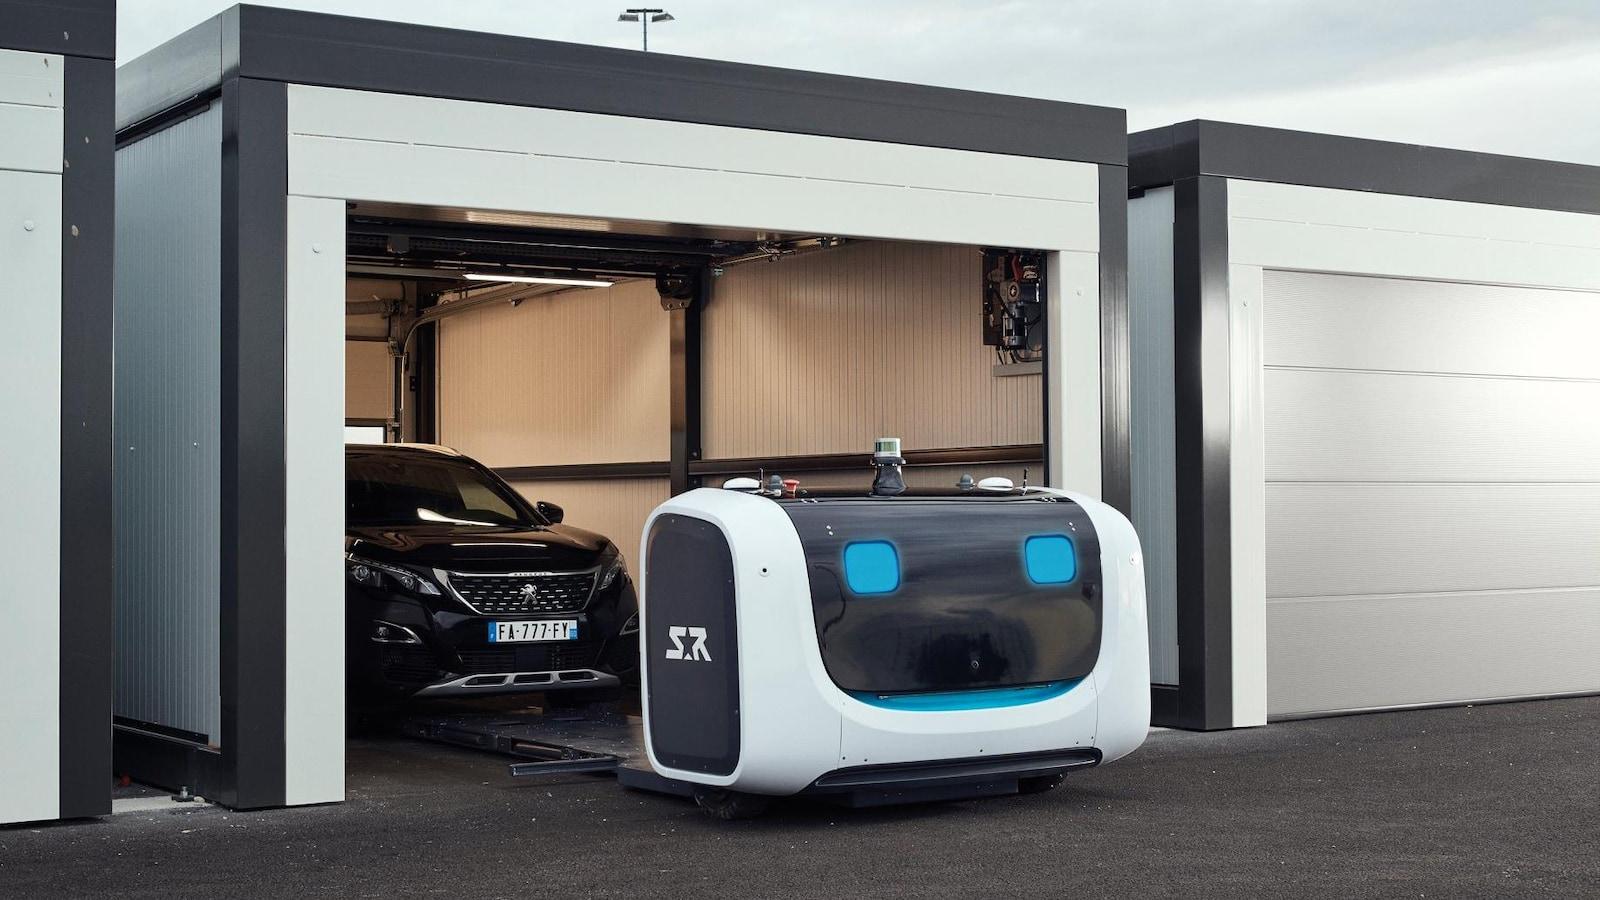 Une photo montrant le robot Stan en train de déposer une voiture dans un garage. Le robot est composé d'une mince plate-forme métallique et d'une grande boîte à l'avant contenant l'équipement électronique.